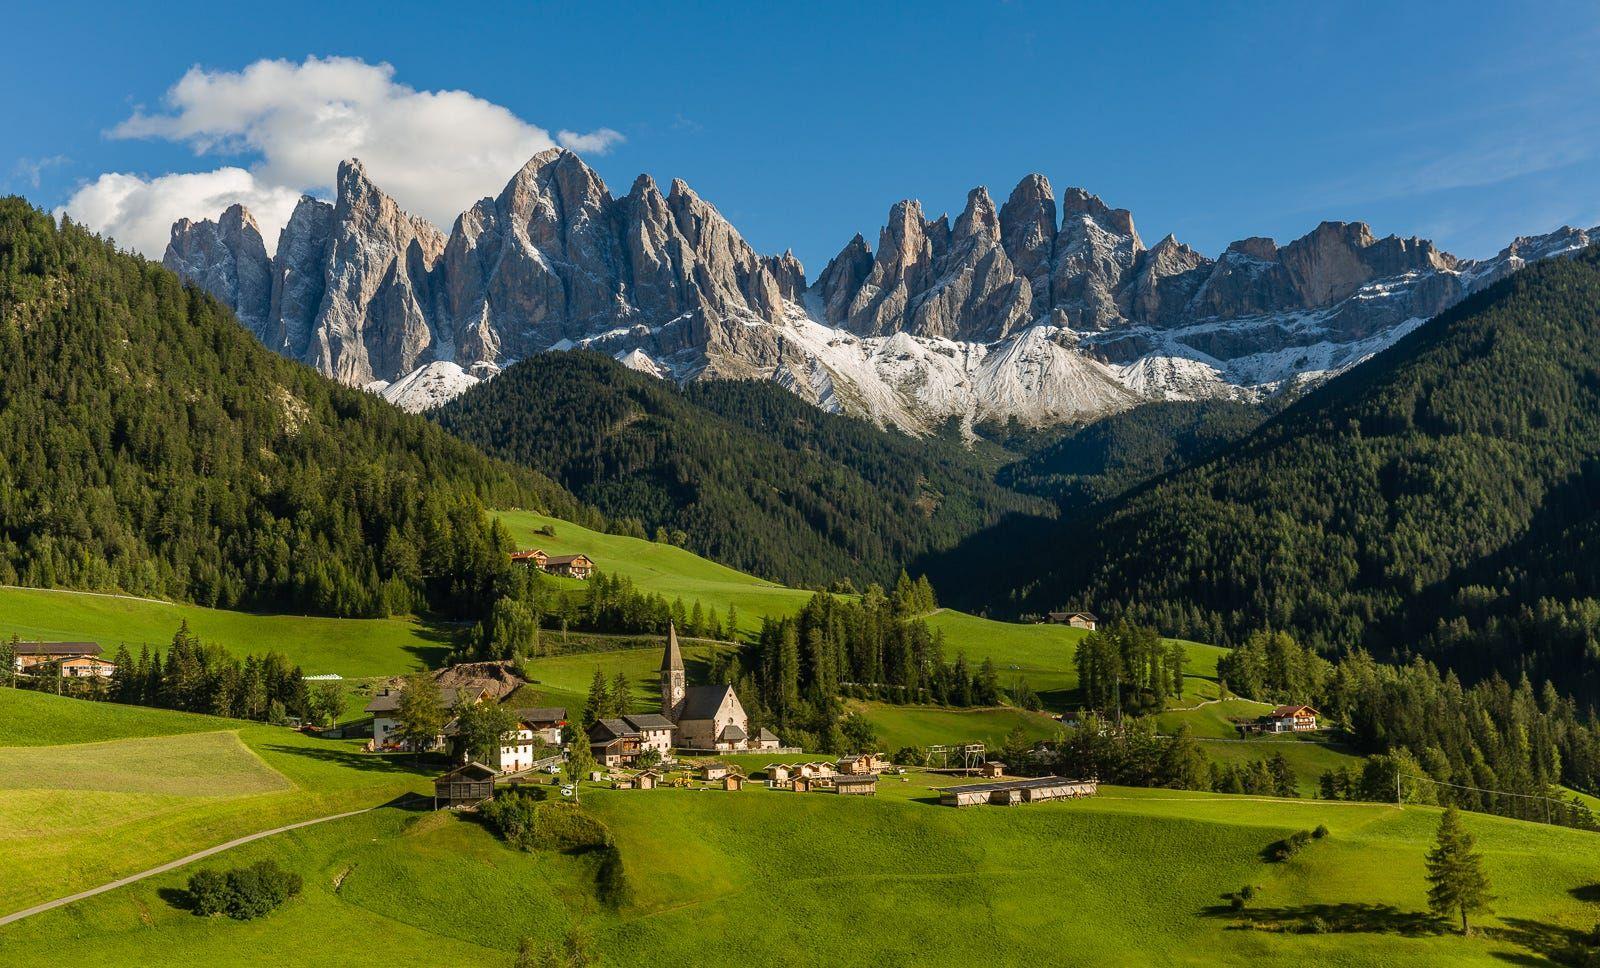 Santa Maddalena, Val di Funes, Italy